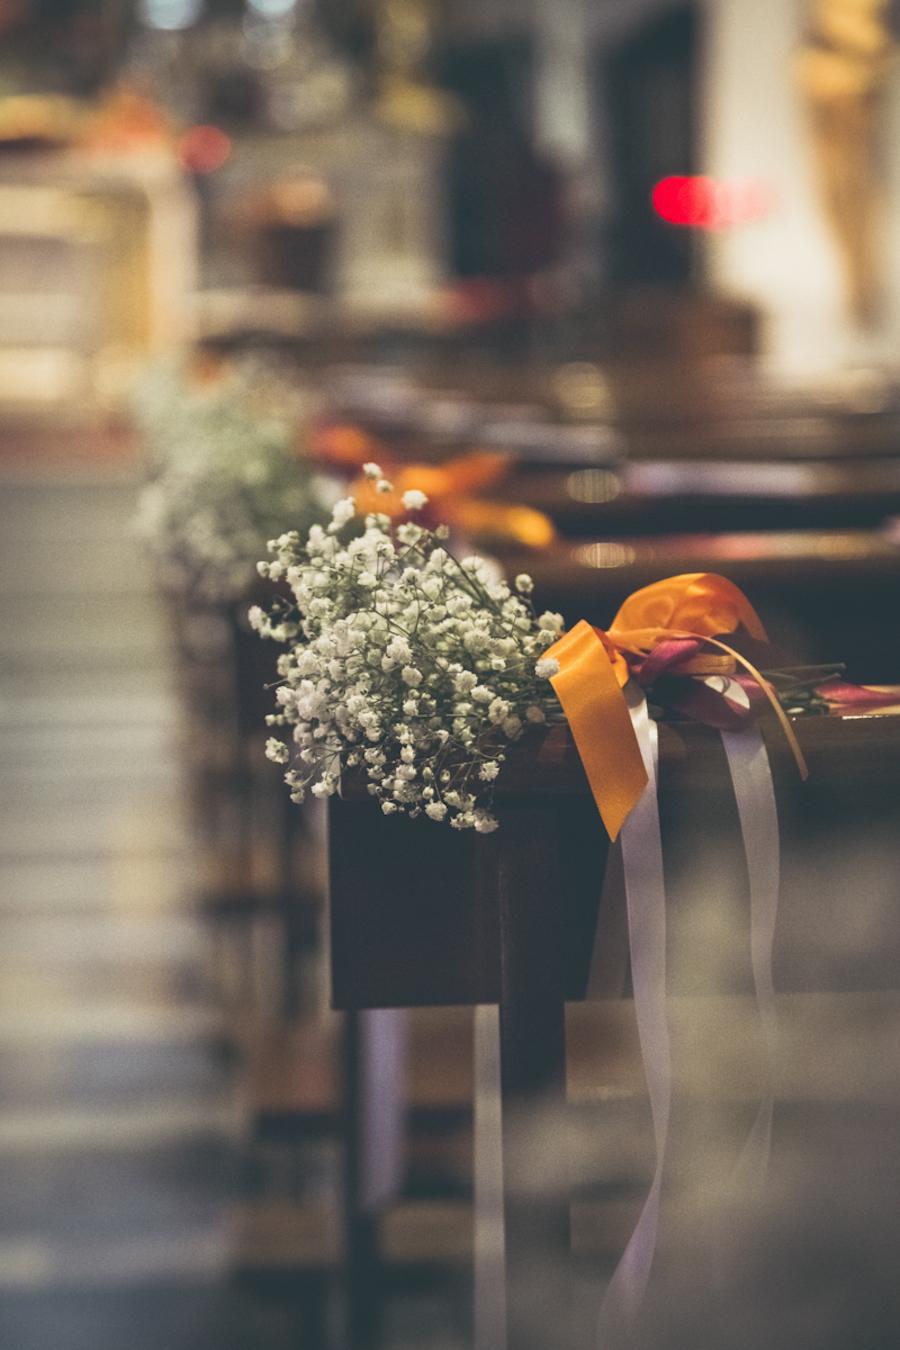 matrimonio-colorato-con-fenicotteri-matrimonio-adhoc-06